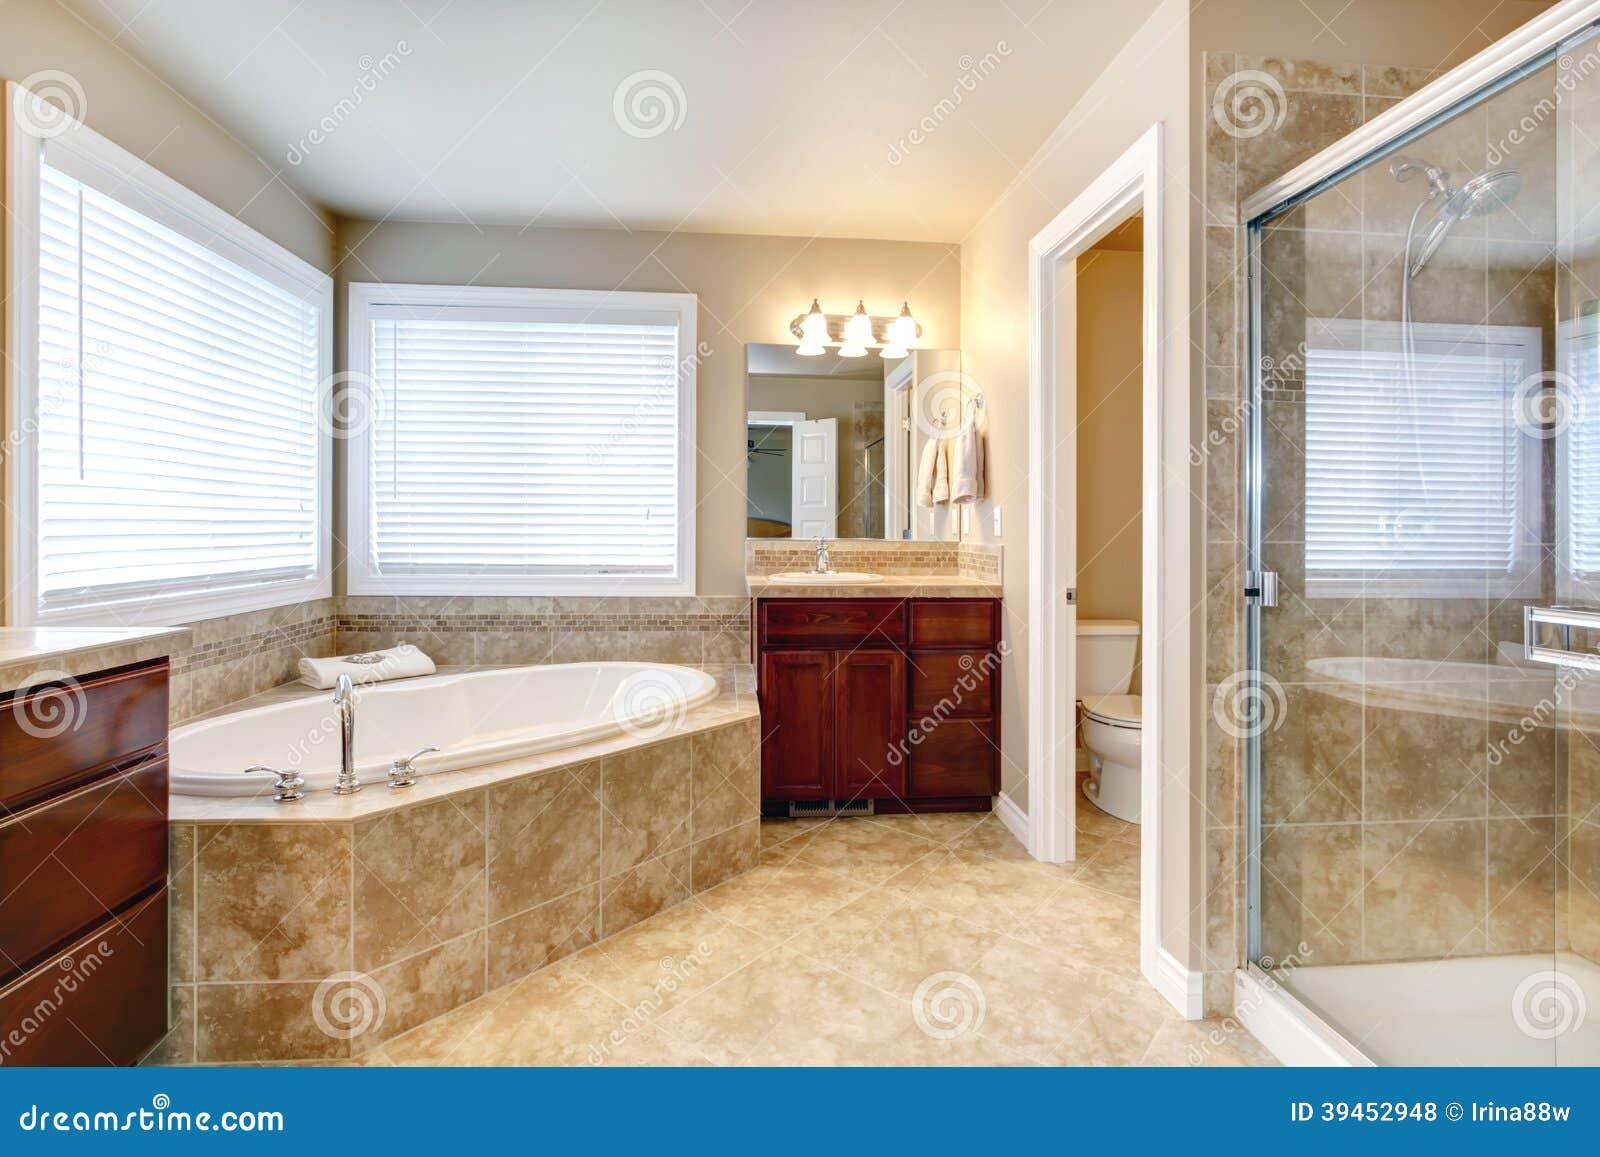 Cuarto de ba o moderno con la tina y la ducha redondas - Cuartos de bano con banera y ducha ...